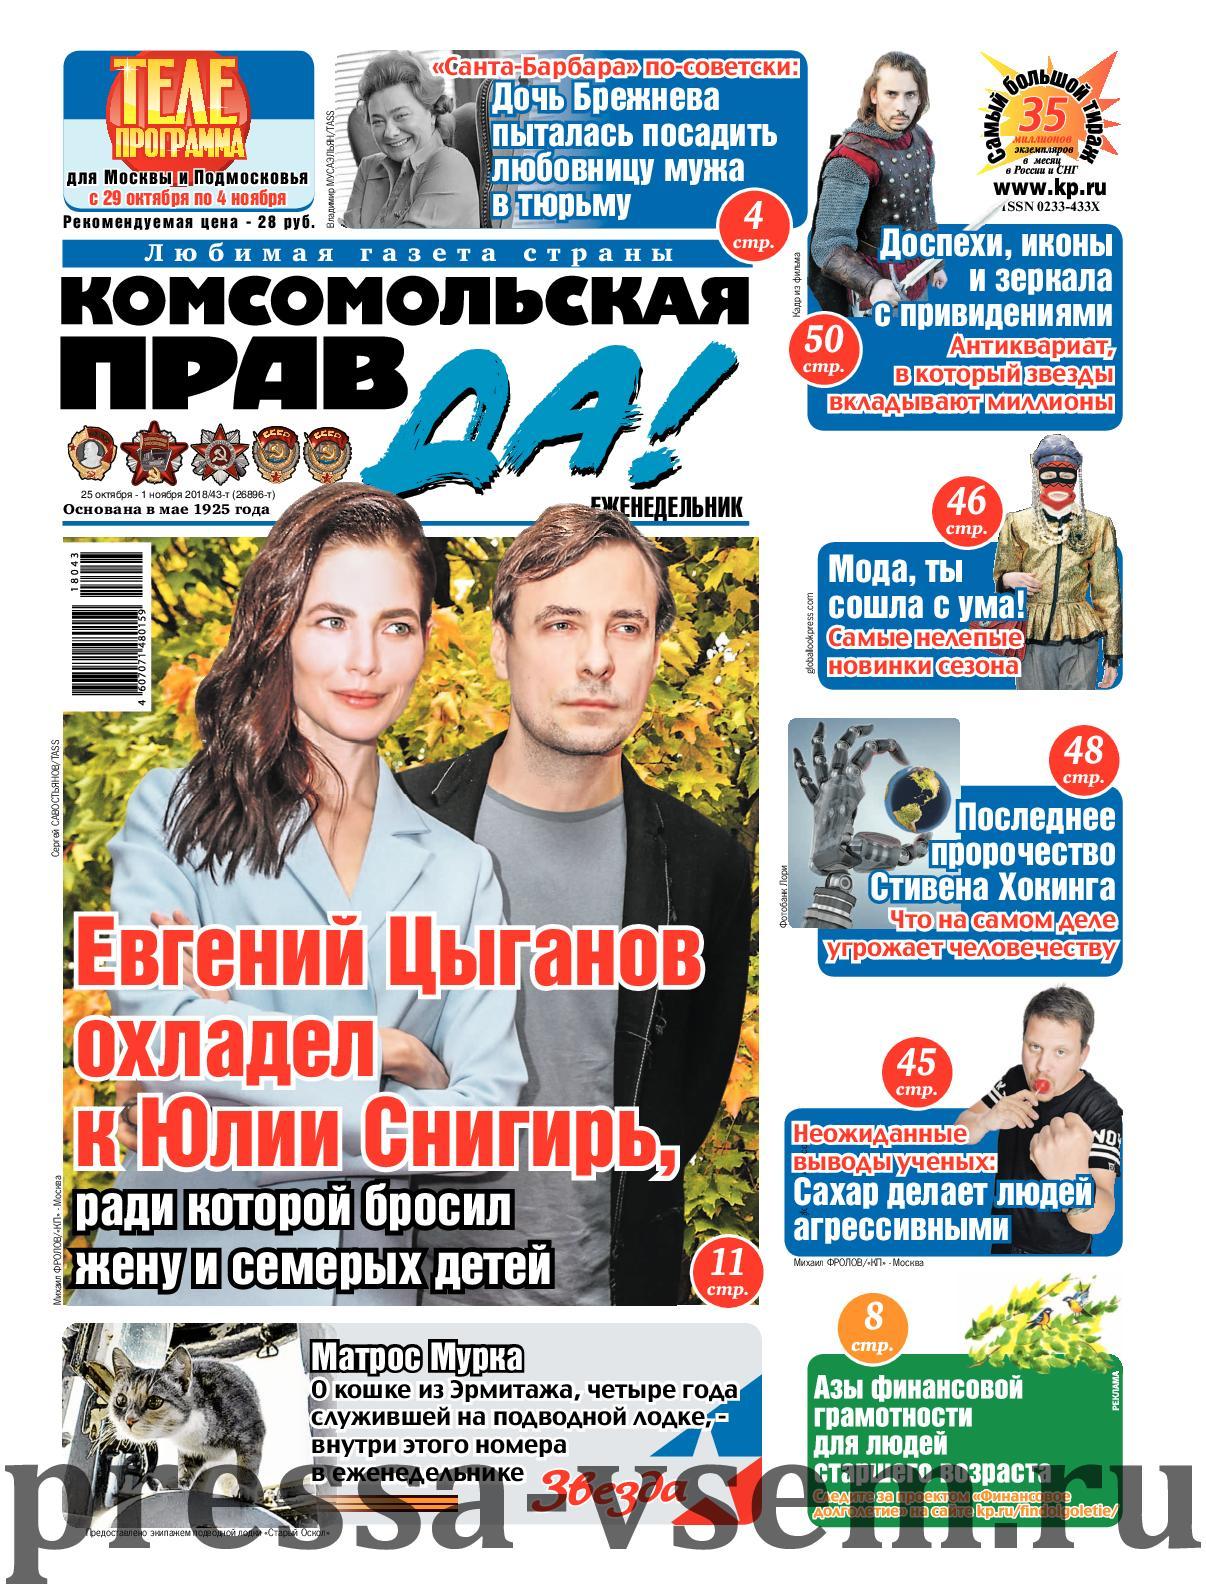 Битва бикини: 71-летняя Татьяна Васильева против Людмилы Максаковой изоражения